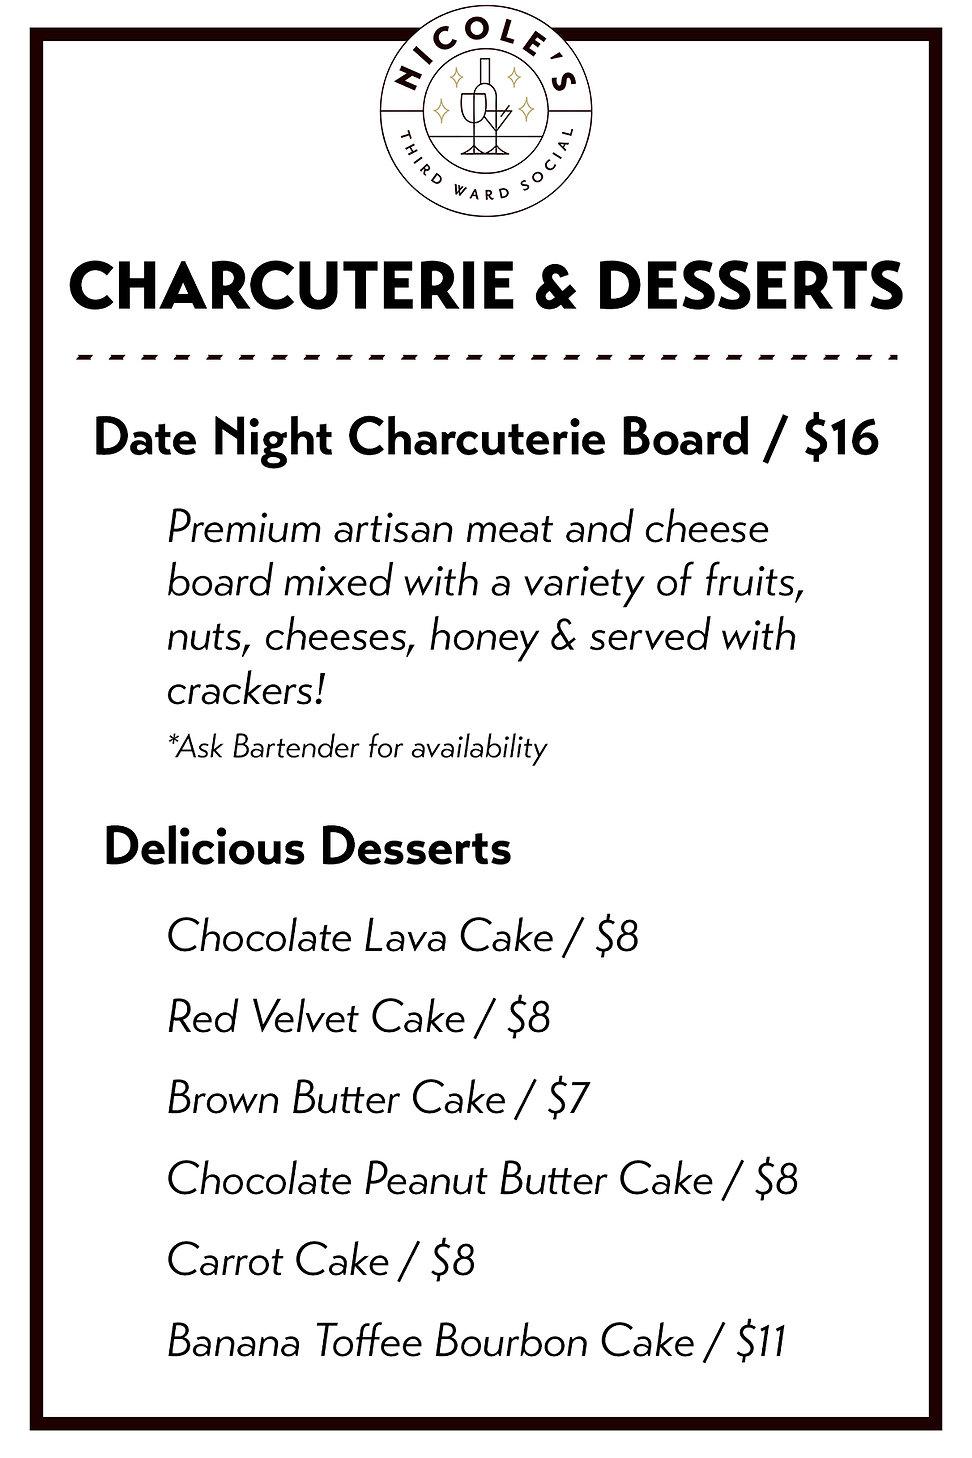 Charcuterie & Dessert.jpg